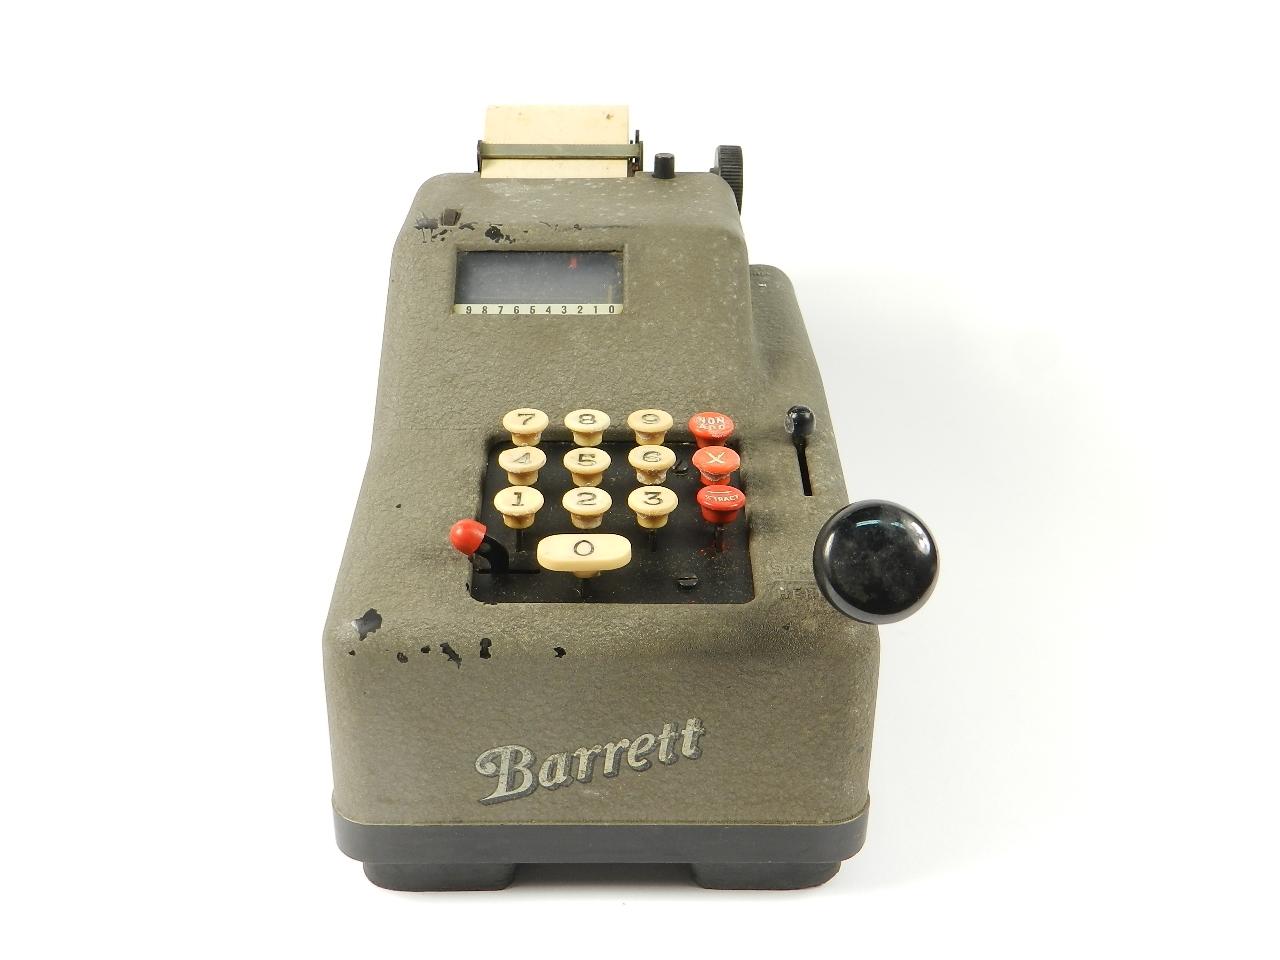 Imagen BARRETT  AÑO 1940 33804